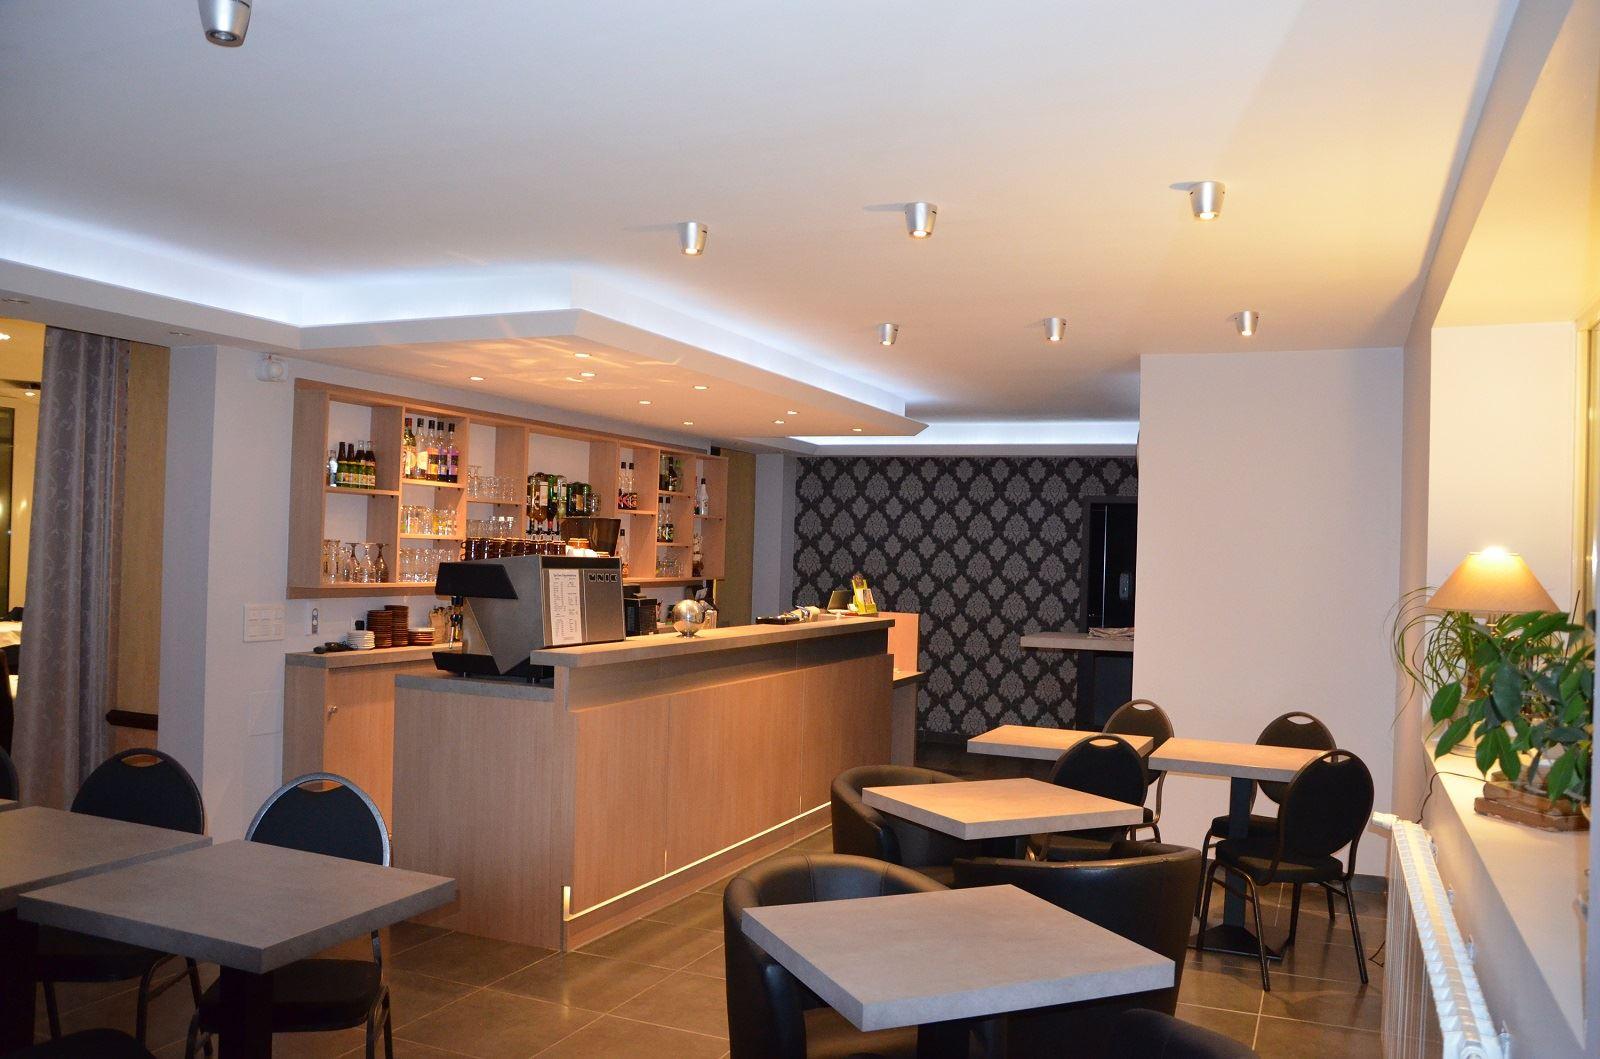 HOTEL AUX BERGES DE L'AVEYRON